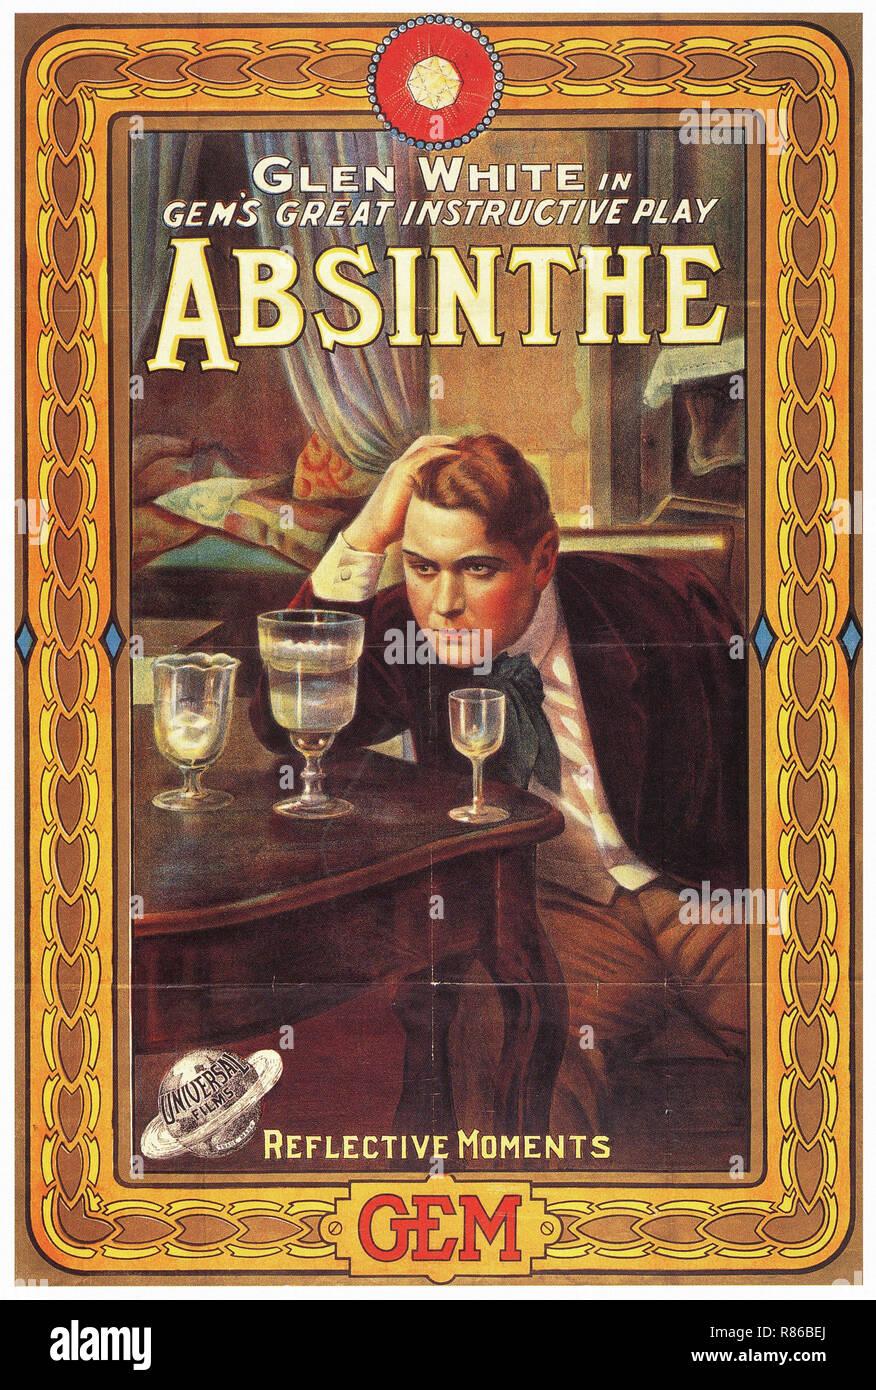 absinthe affiche publicitaire ancienne banque d 39 images. Black Bedroom Furniture Sets. Home Design Ideas